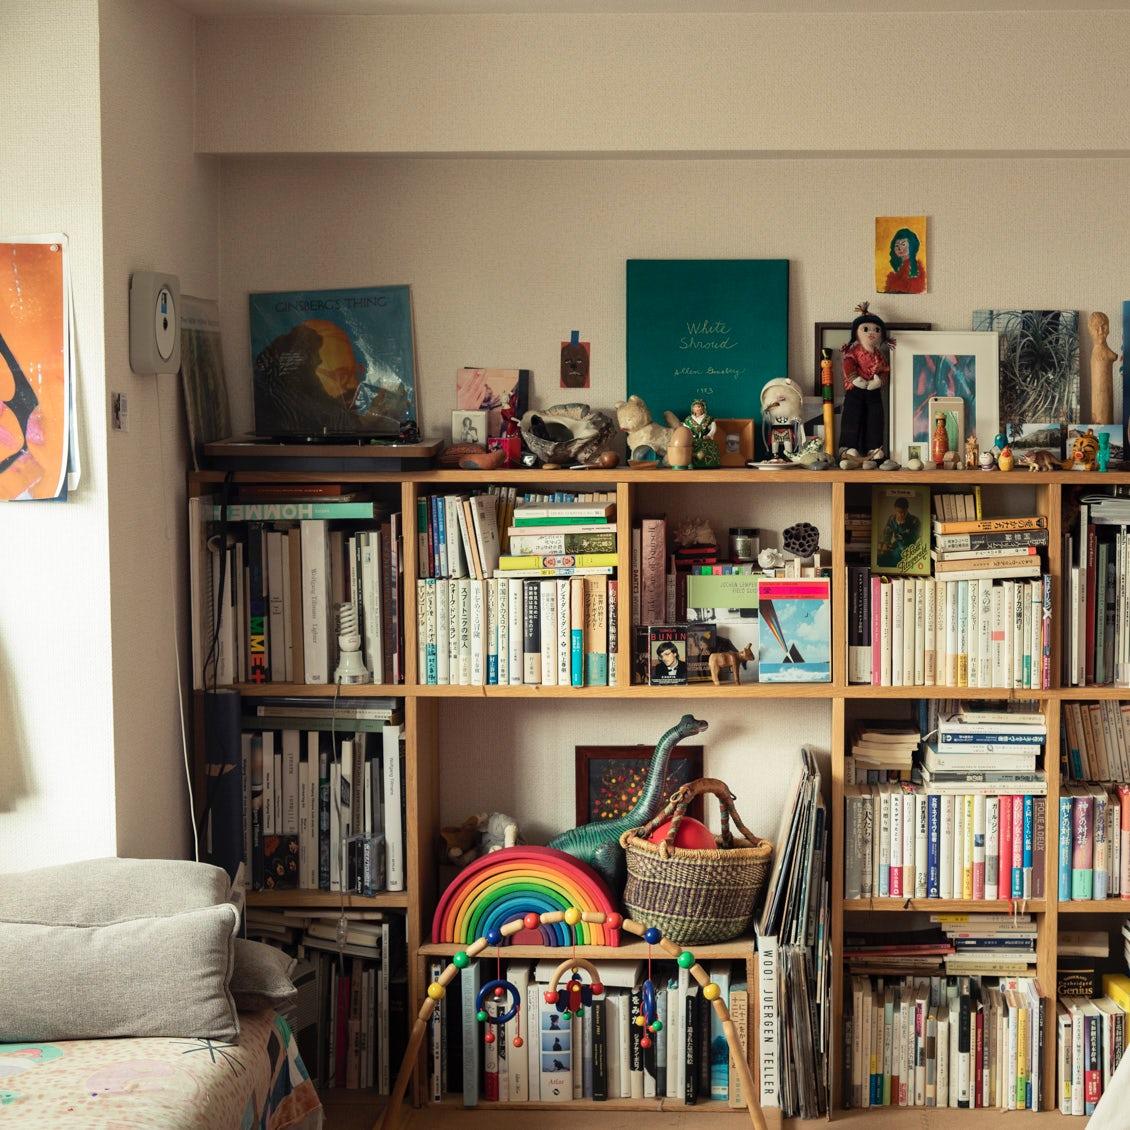 【本棚を主役に】本棚をおしゃれに見せるには?選んだポイントや置き方のマイルールを聞いてみました